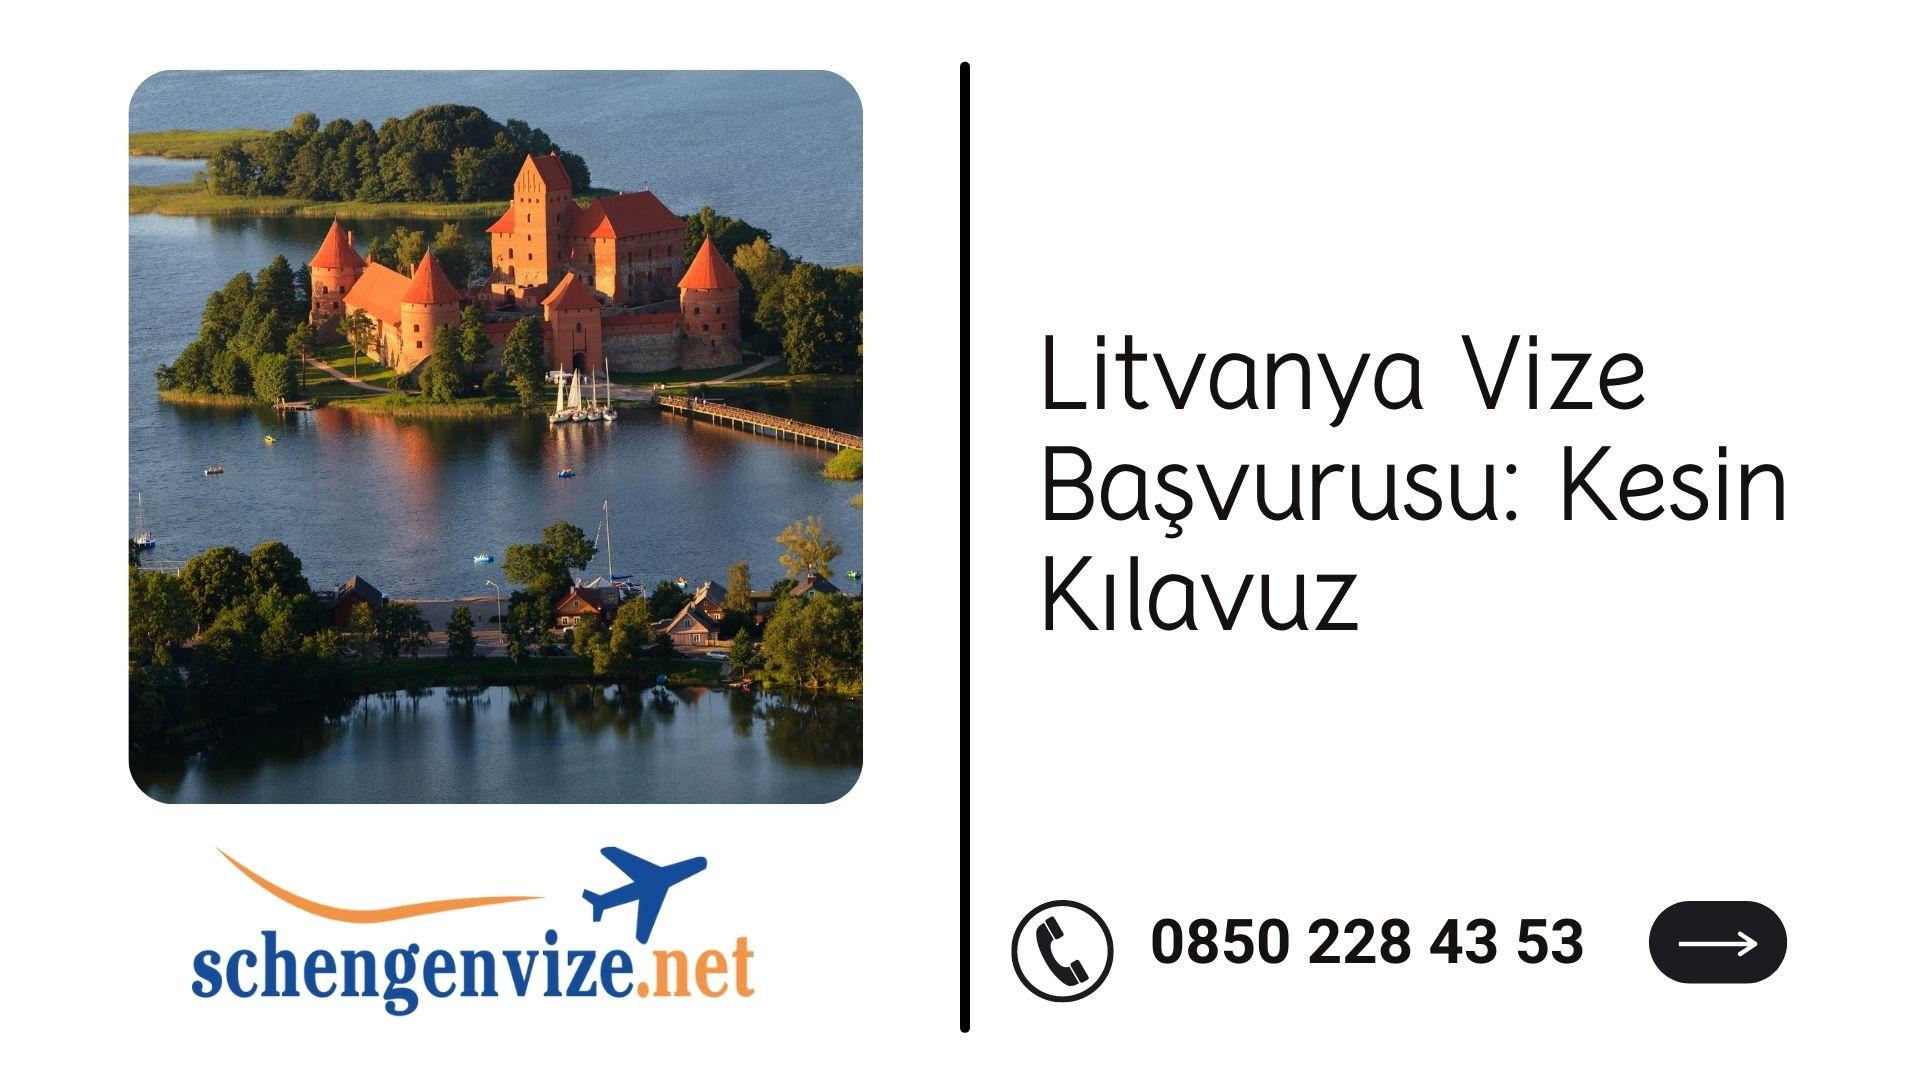 Litvanya Vize Başvurusu: Kesin Kılavuz 2021